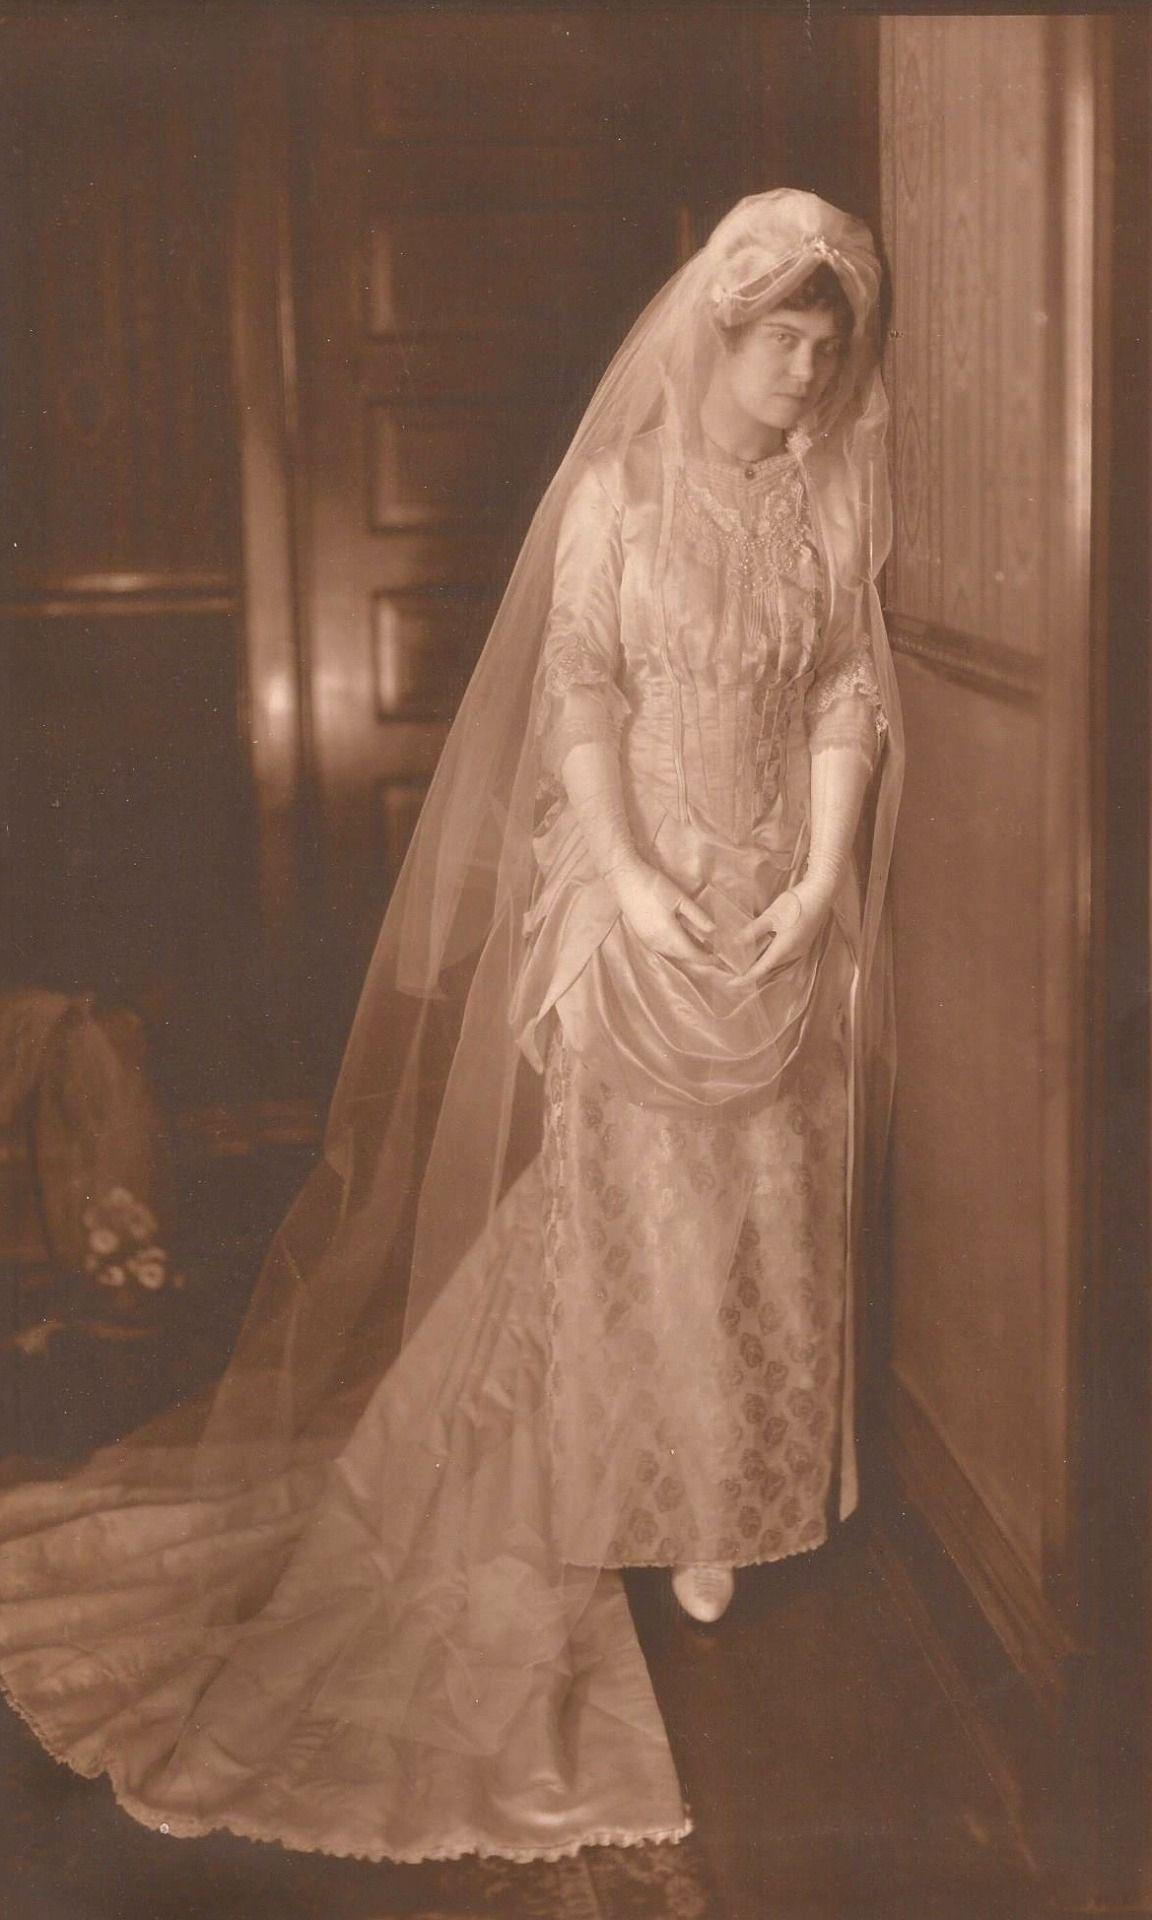 Vintage Brides - 1885 Bride.